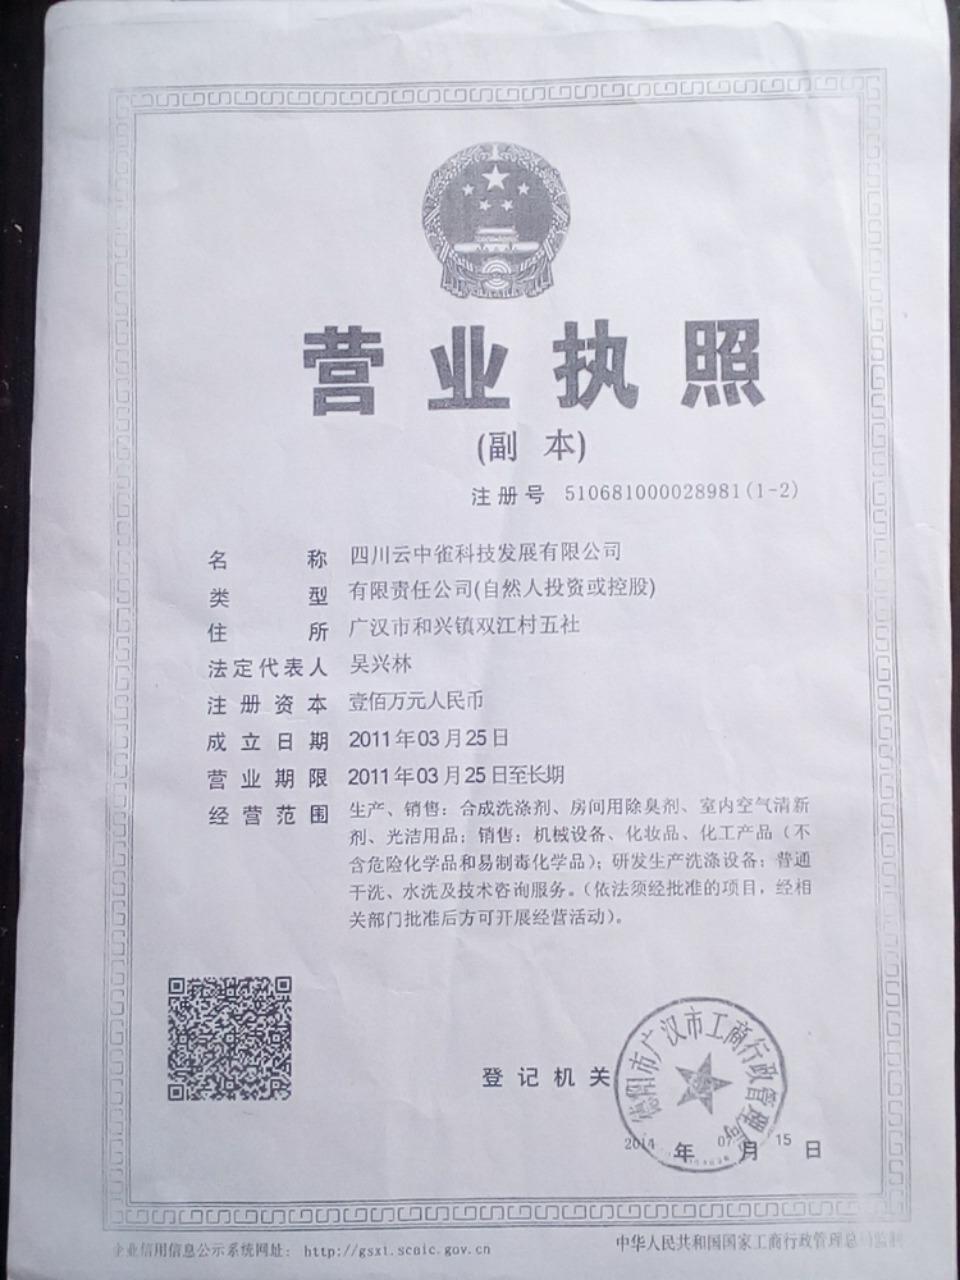 四川云中雀科技发展有限公司